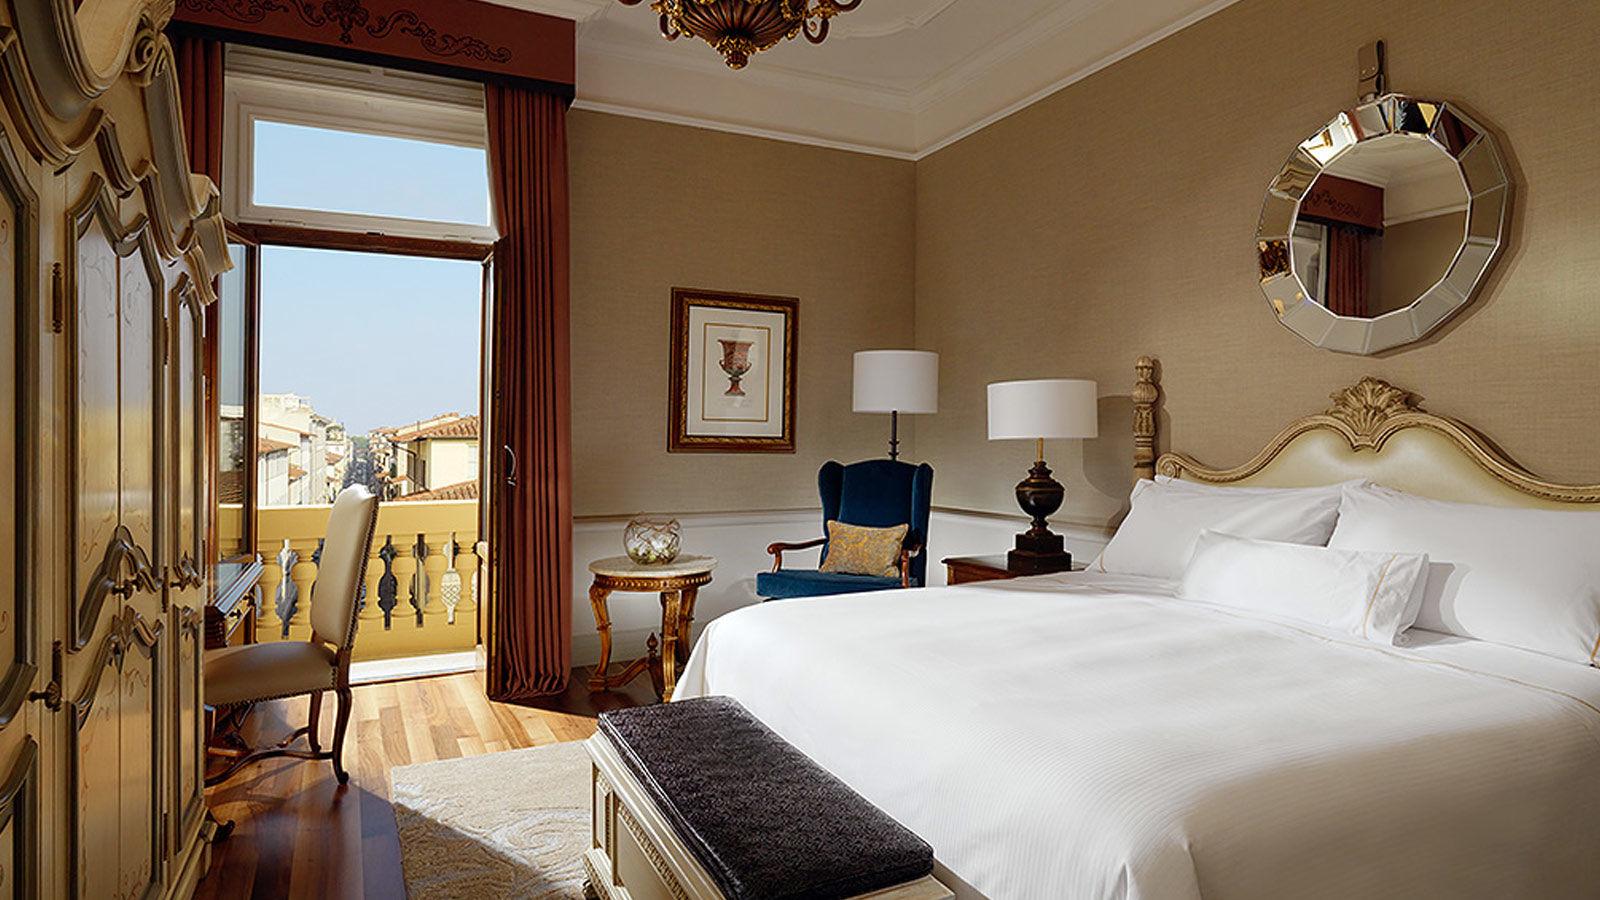 フィレンツェの街歩きに最適な中心地に位置する5つ星ホテル「ザ ウェスティン エクセルシオール」